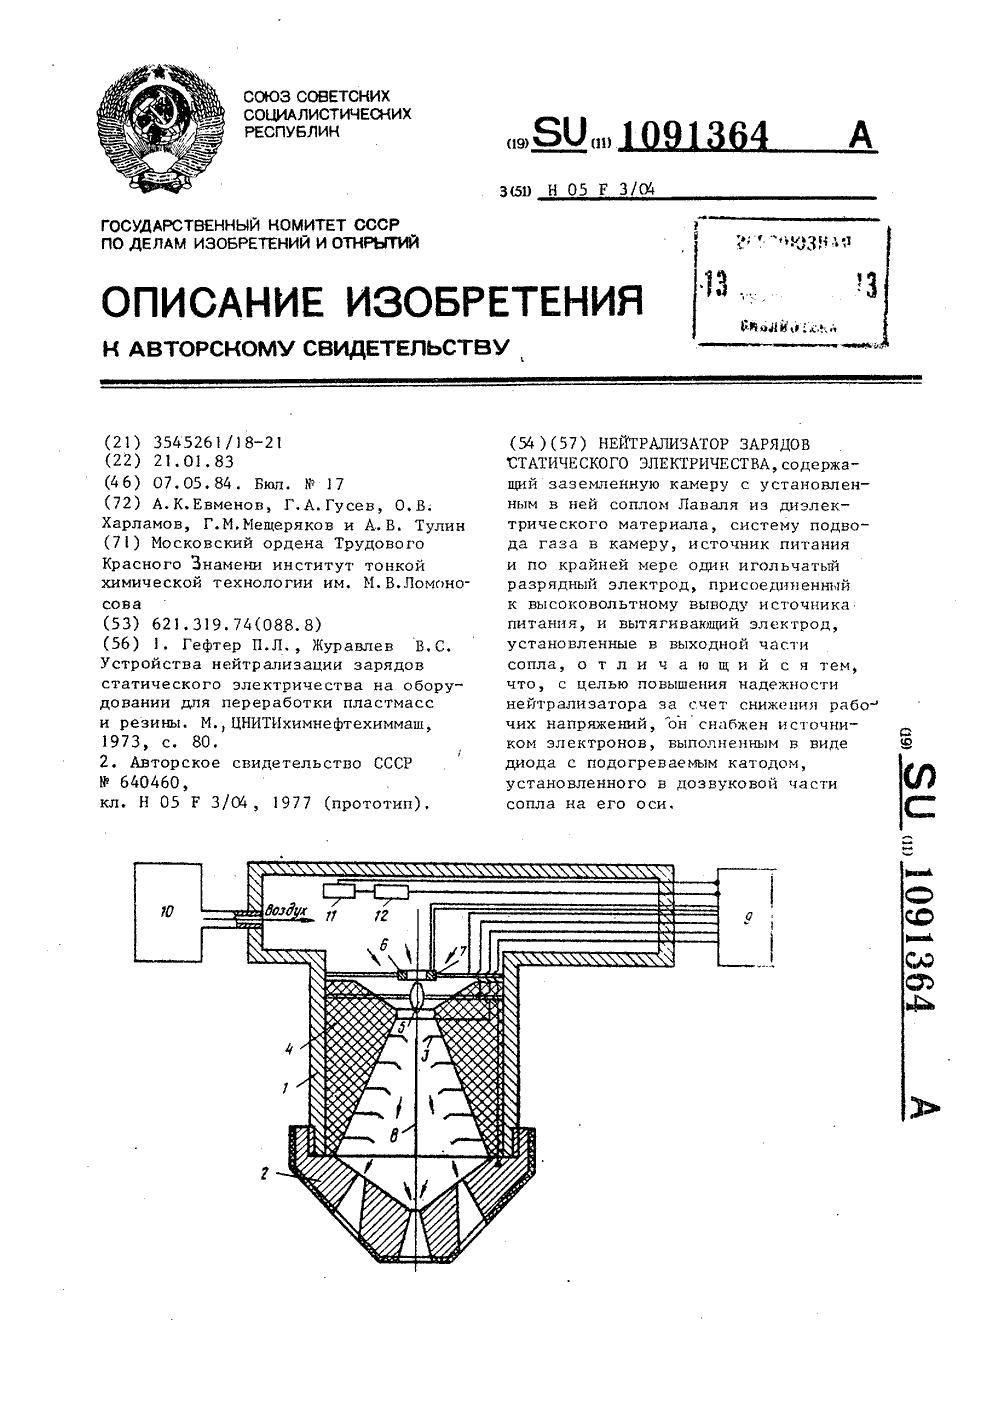 Нейтрализатор статического электричества